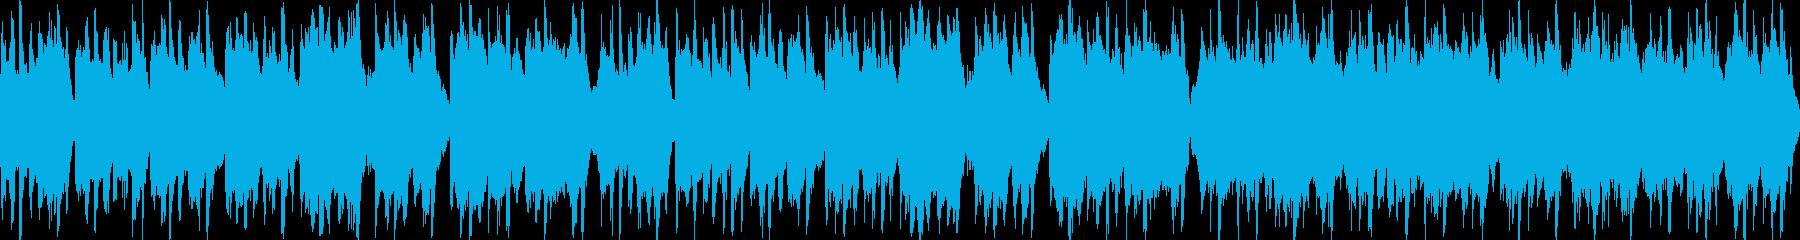 陽気な民族音楽風の曲 ループ可の再生済みの波形